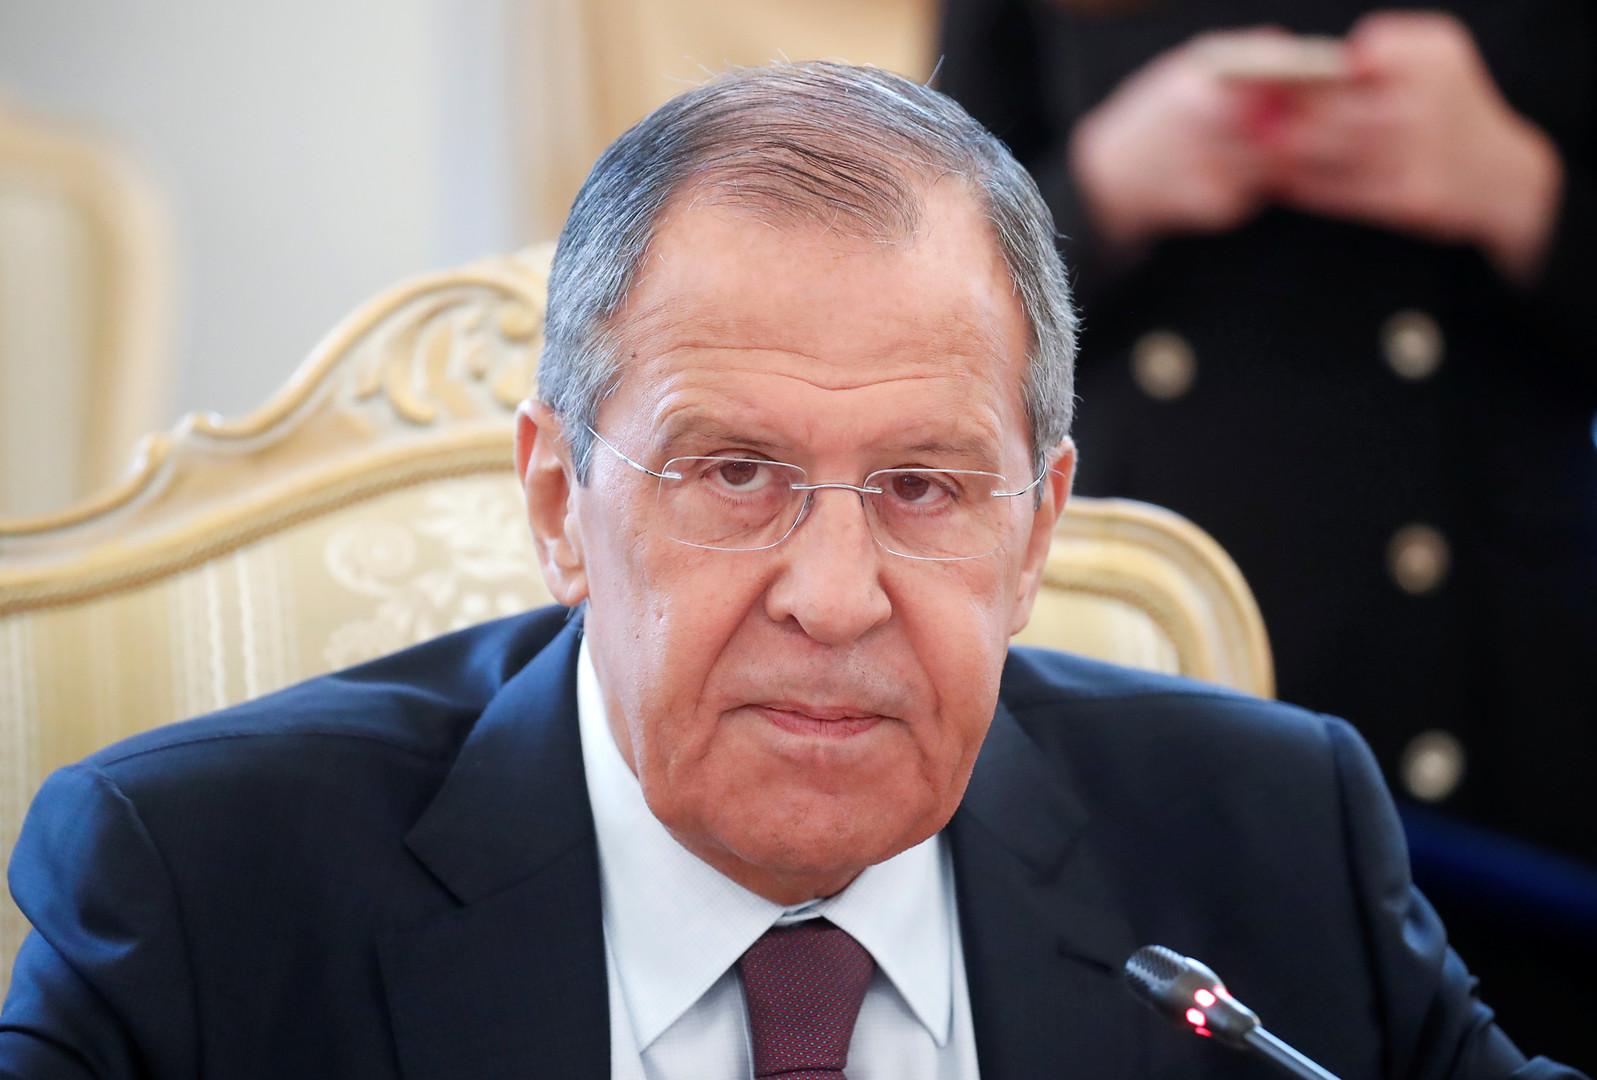 لافروف: تسوية أزمة دونباس ممكنة شرط أن لا يتم طمس اتفاقات مينسك